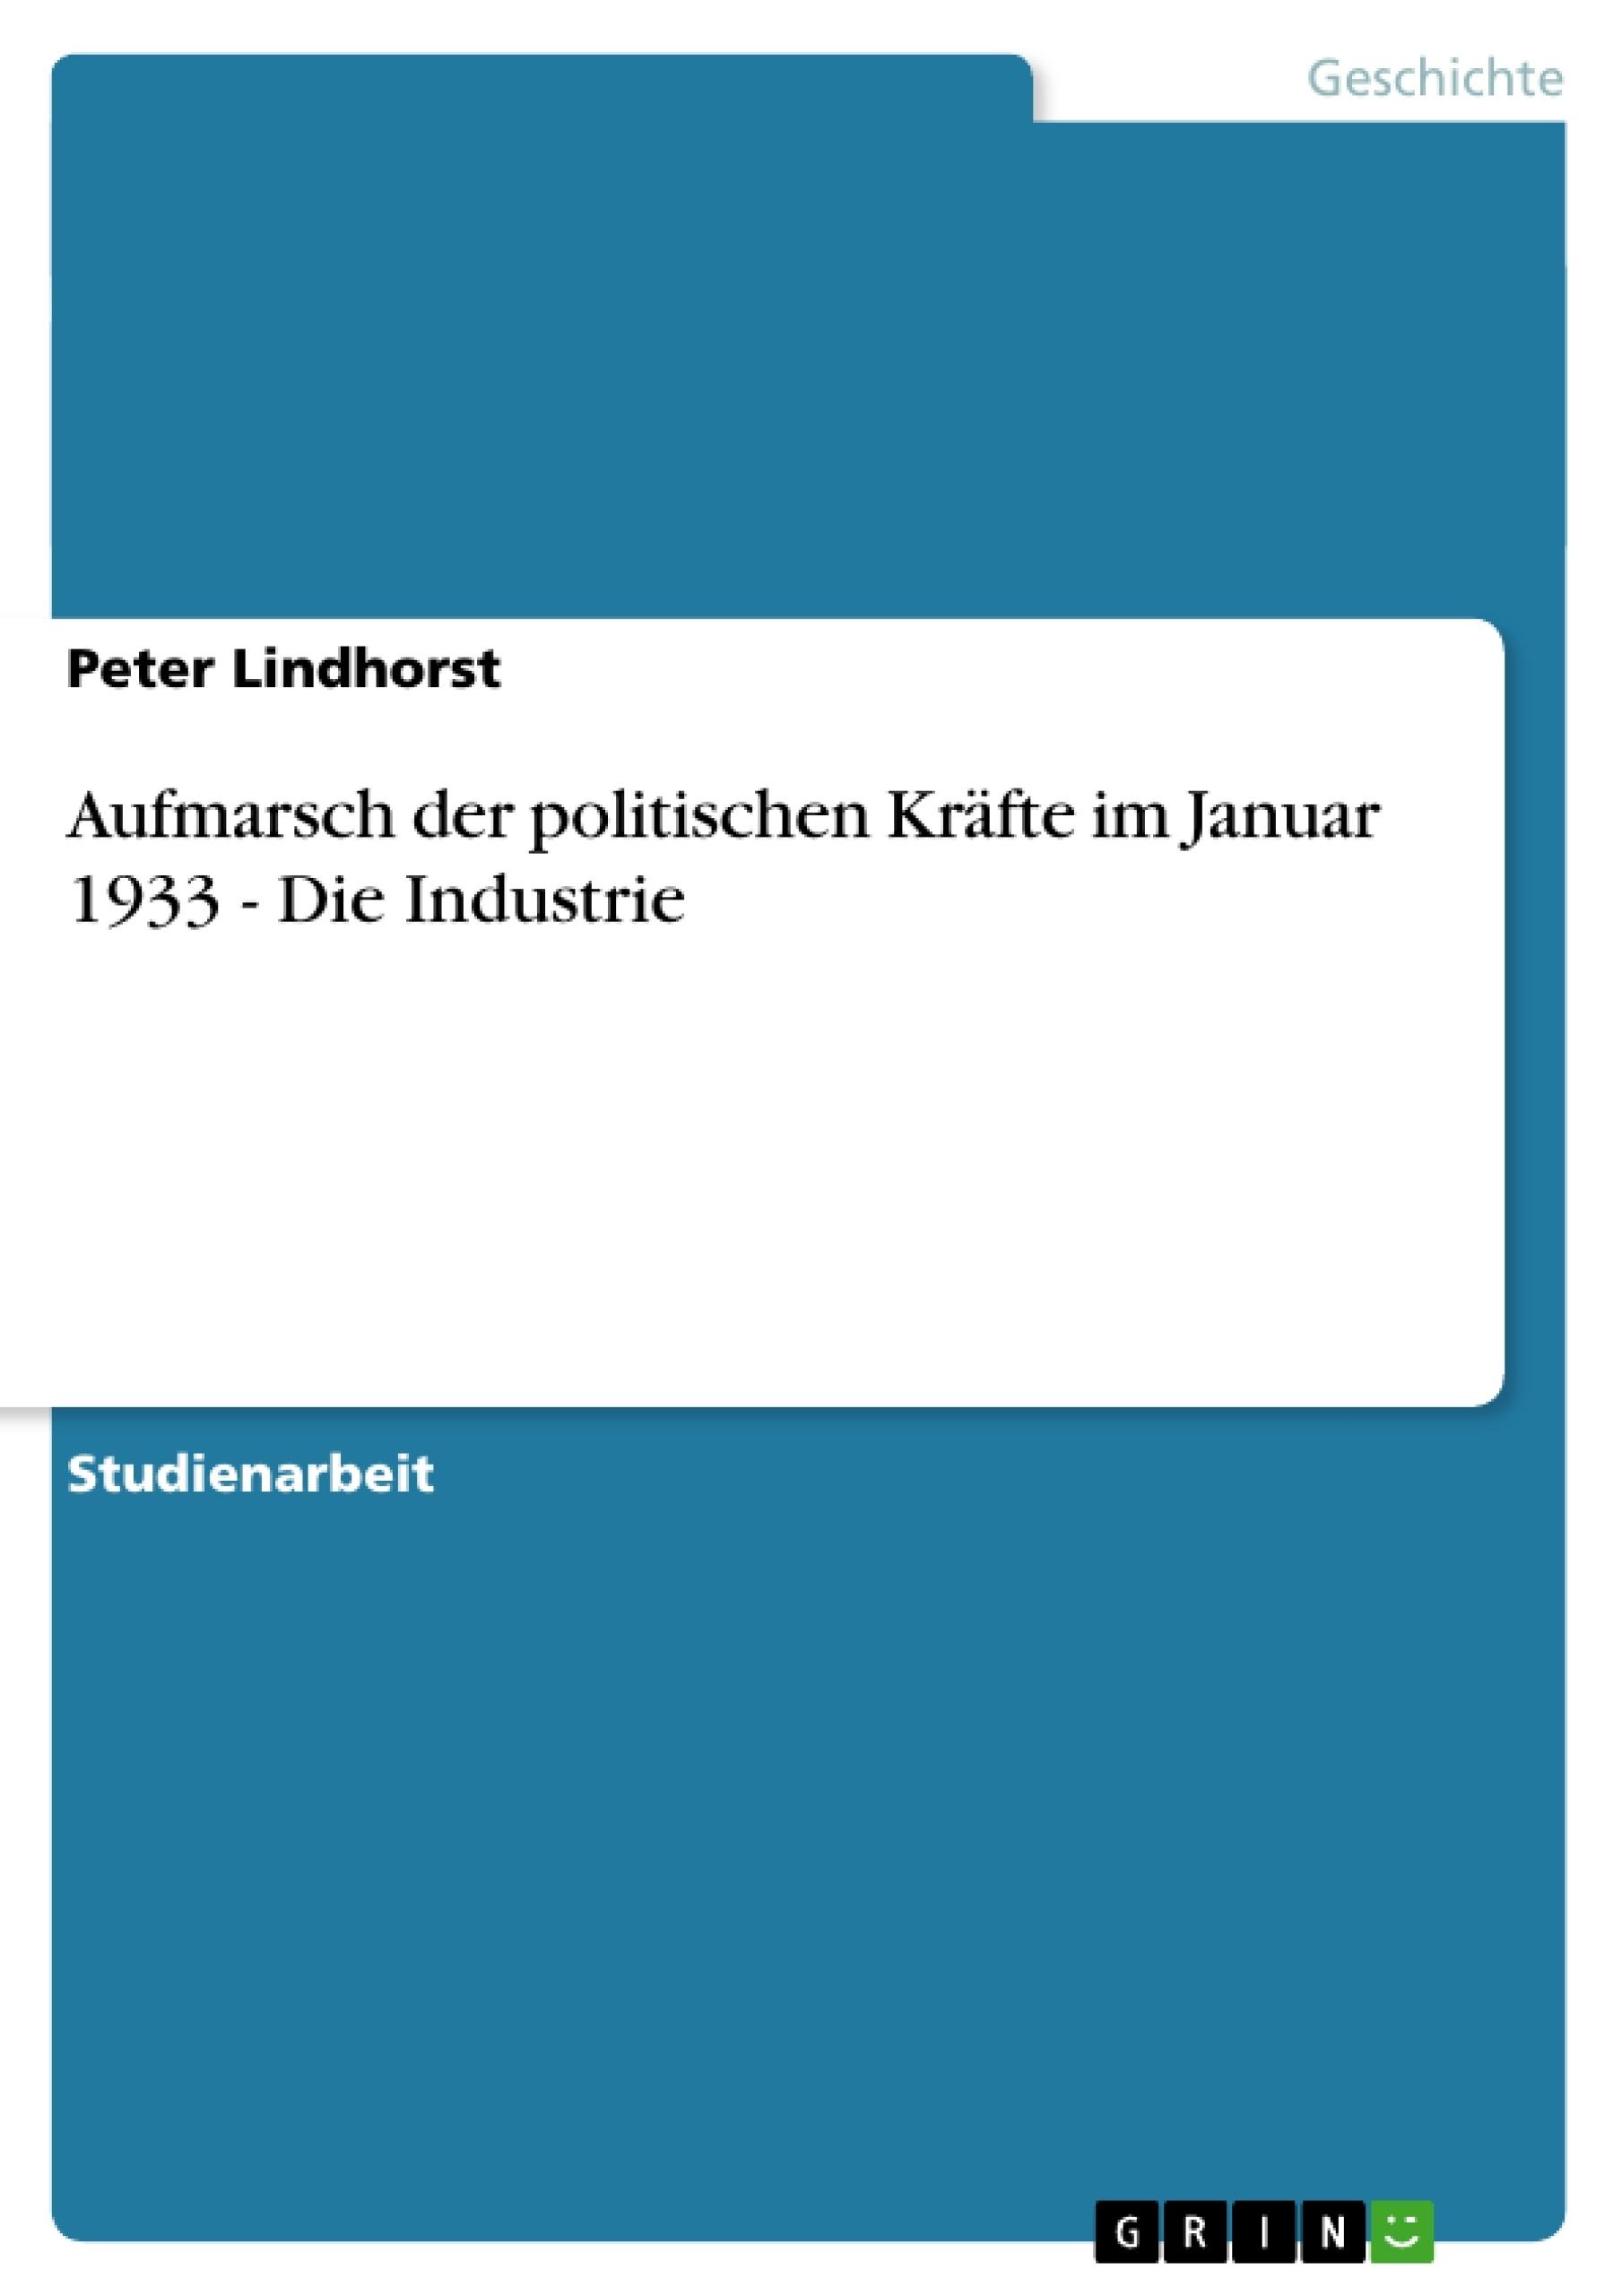 Titel: Aufmarsch der politischen Kräfte im Januar 1933 - Die Industrie